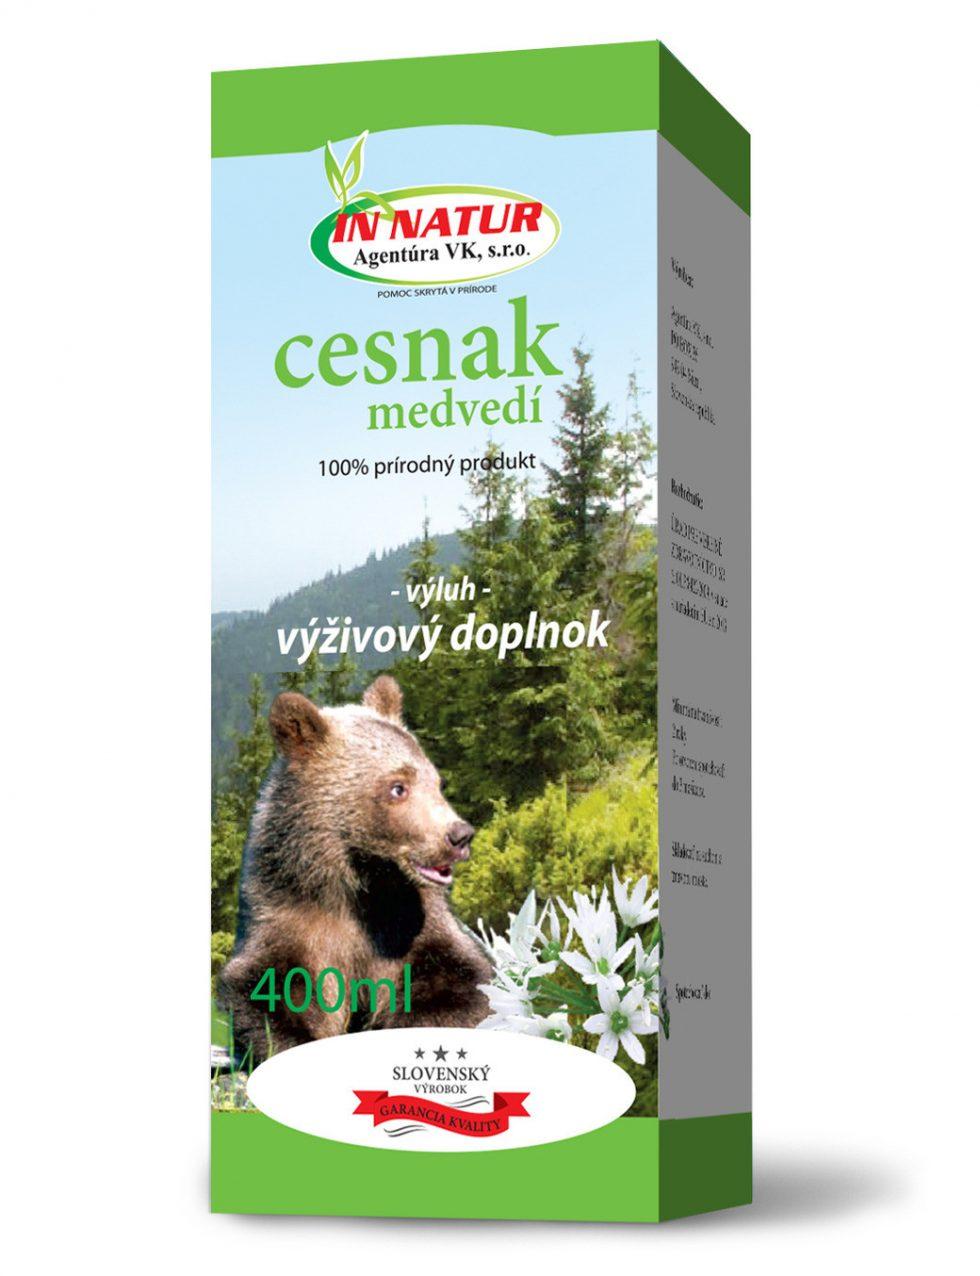 medvedí cesnak výluh 400ml